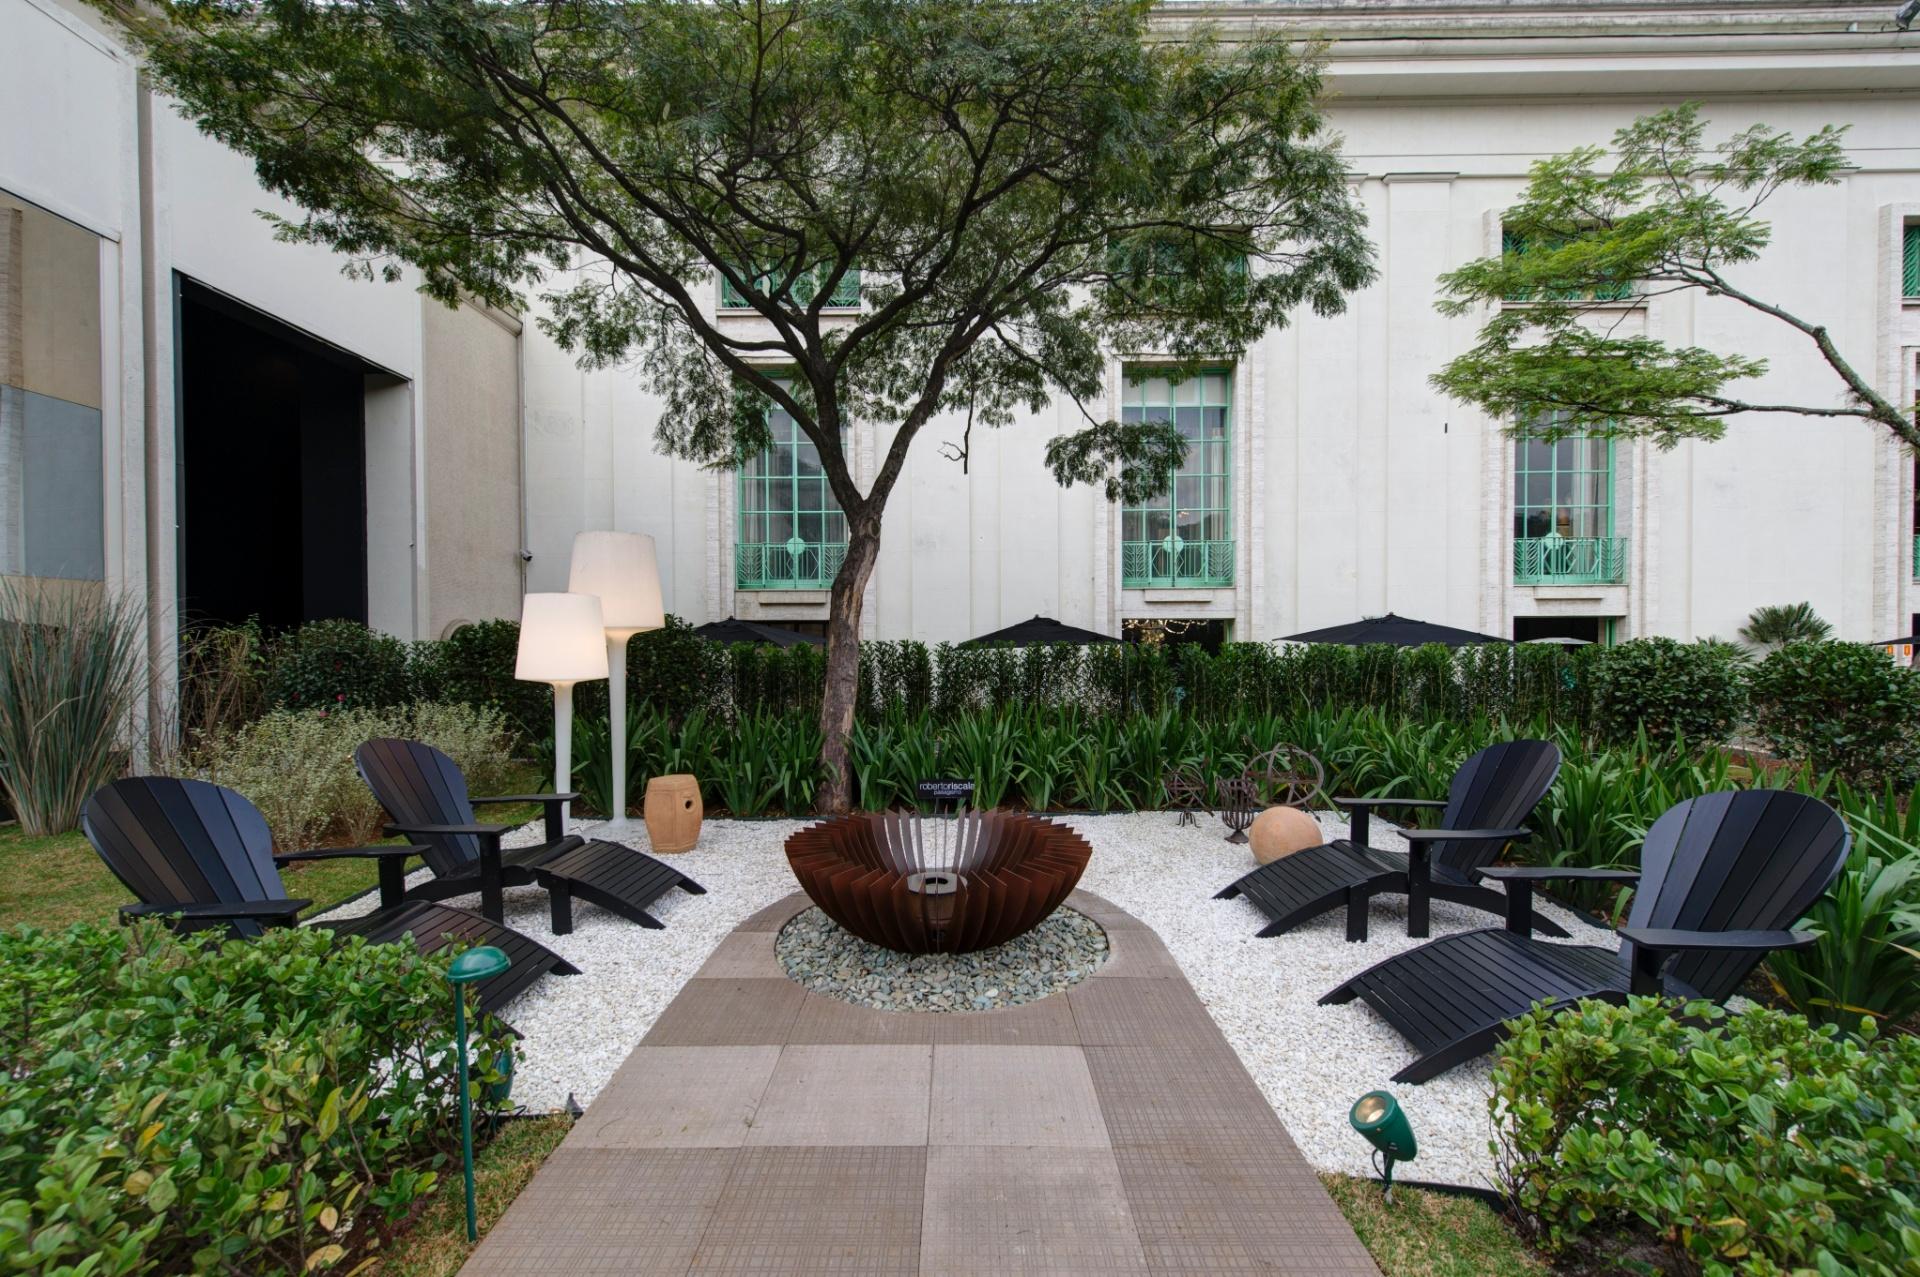 O Jardim das Casas, projeto paisagístico de 800 m², assinado por Roberto Riscala, conta com um fogo de chão (ao centro), rodeado por um piso antiderrapante que dispensa o uso de rejunte. A 27ª Casa Cor SP segue até dia 21 de julho de 2013, no Jockey Club de São Paulo